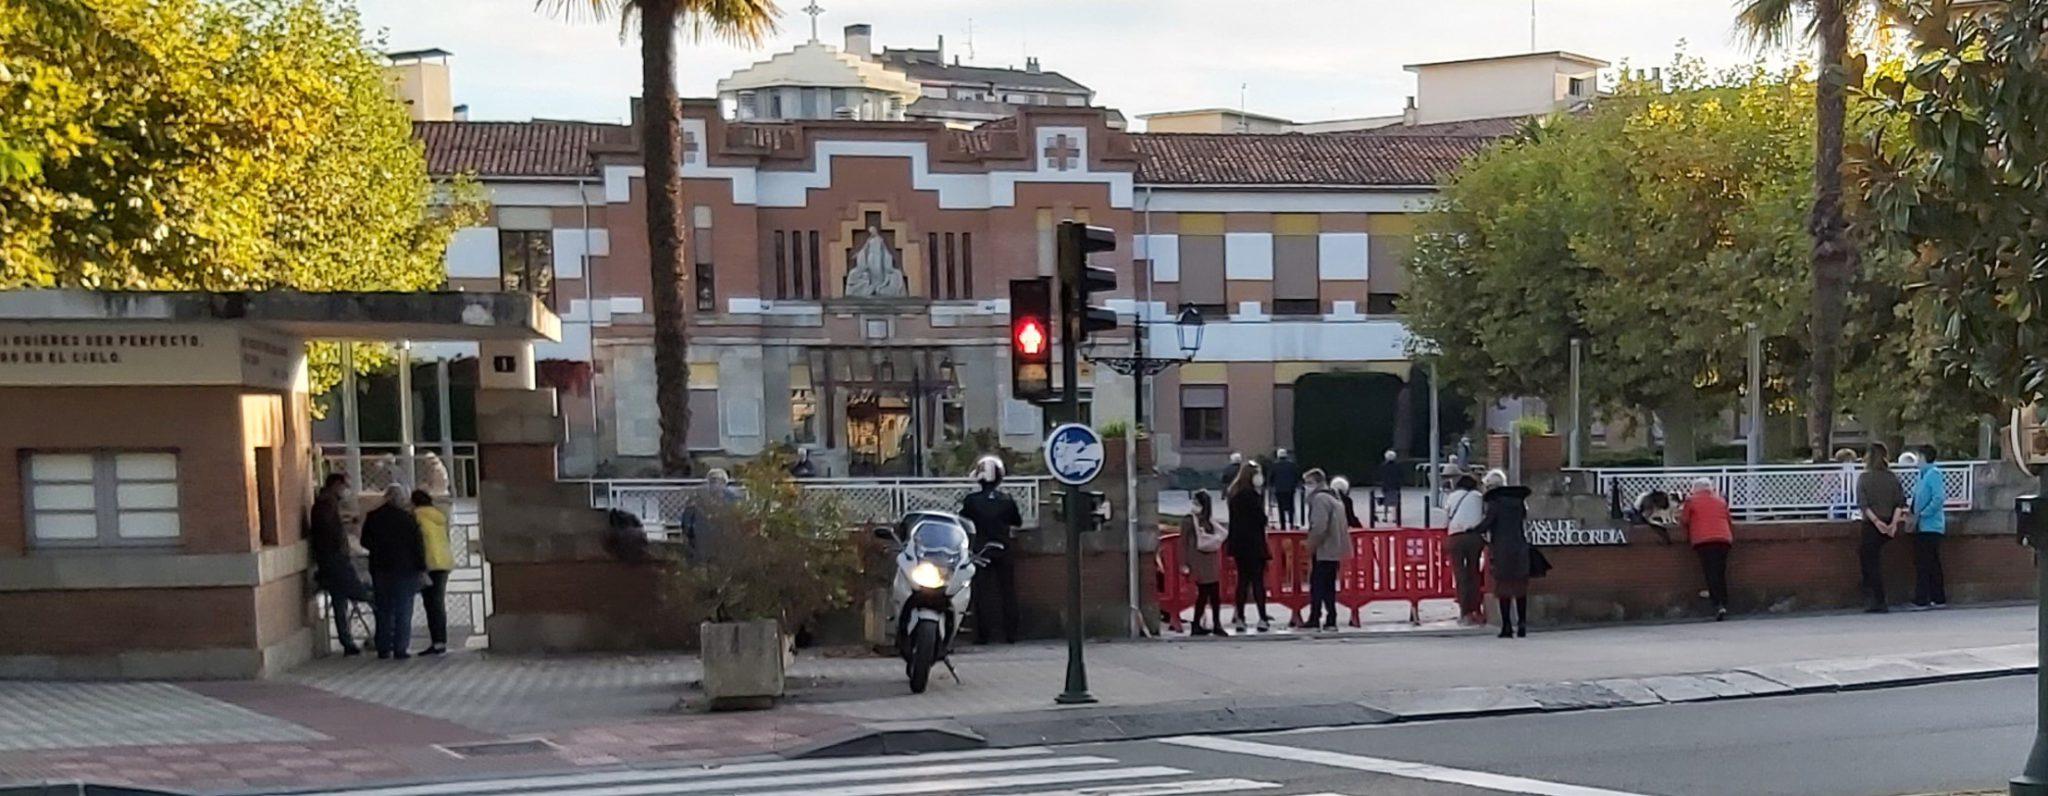 La Casa De Misericordia Solicita Una Alternativa Al Confinamiento De Las Personas Mayores Dentro De Las Residencias En La Asamblea De Lares Navarra